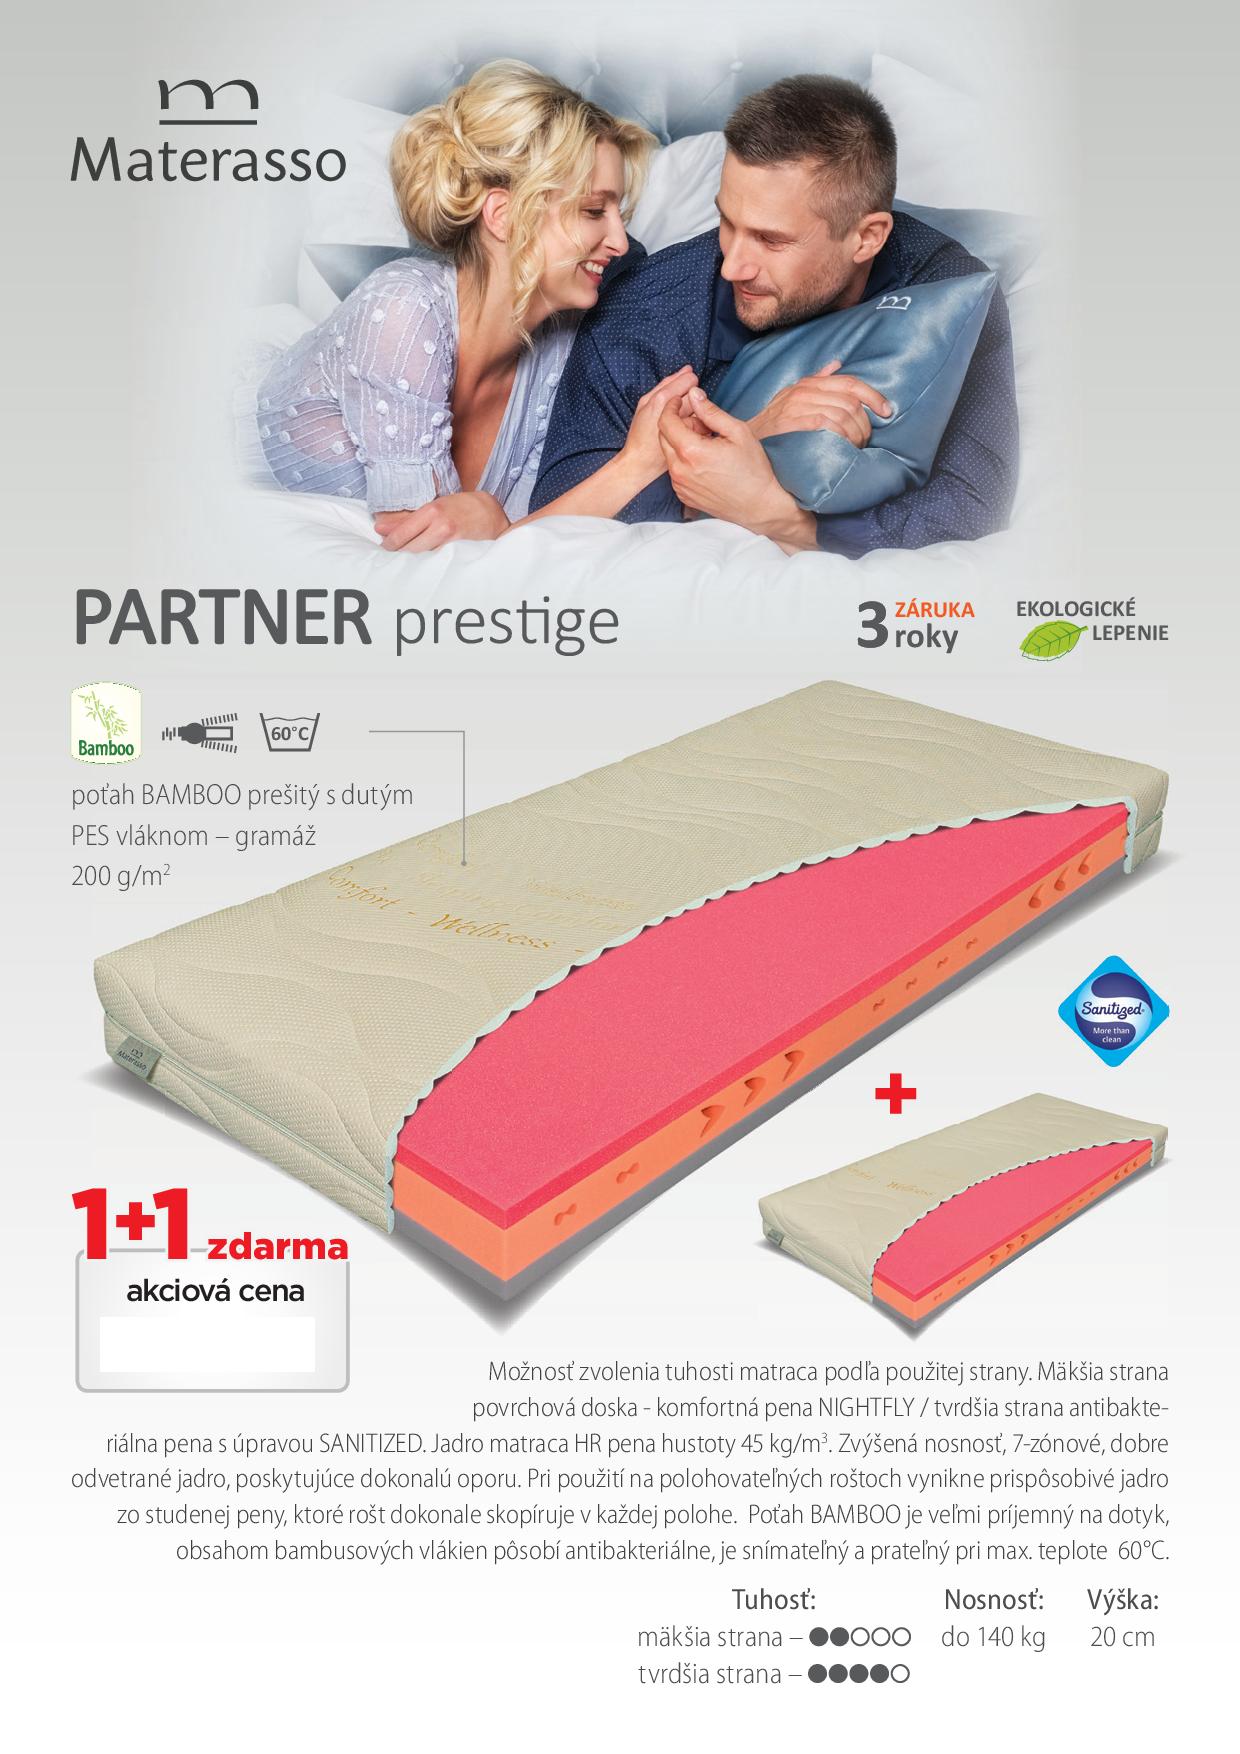 Partner prestige